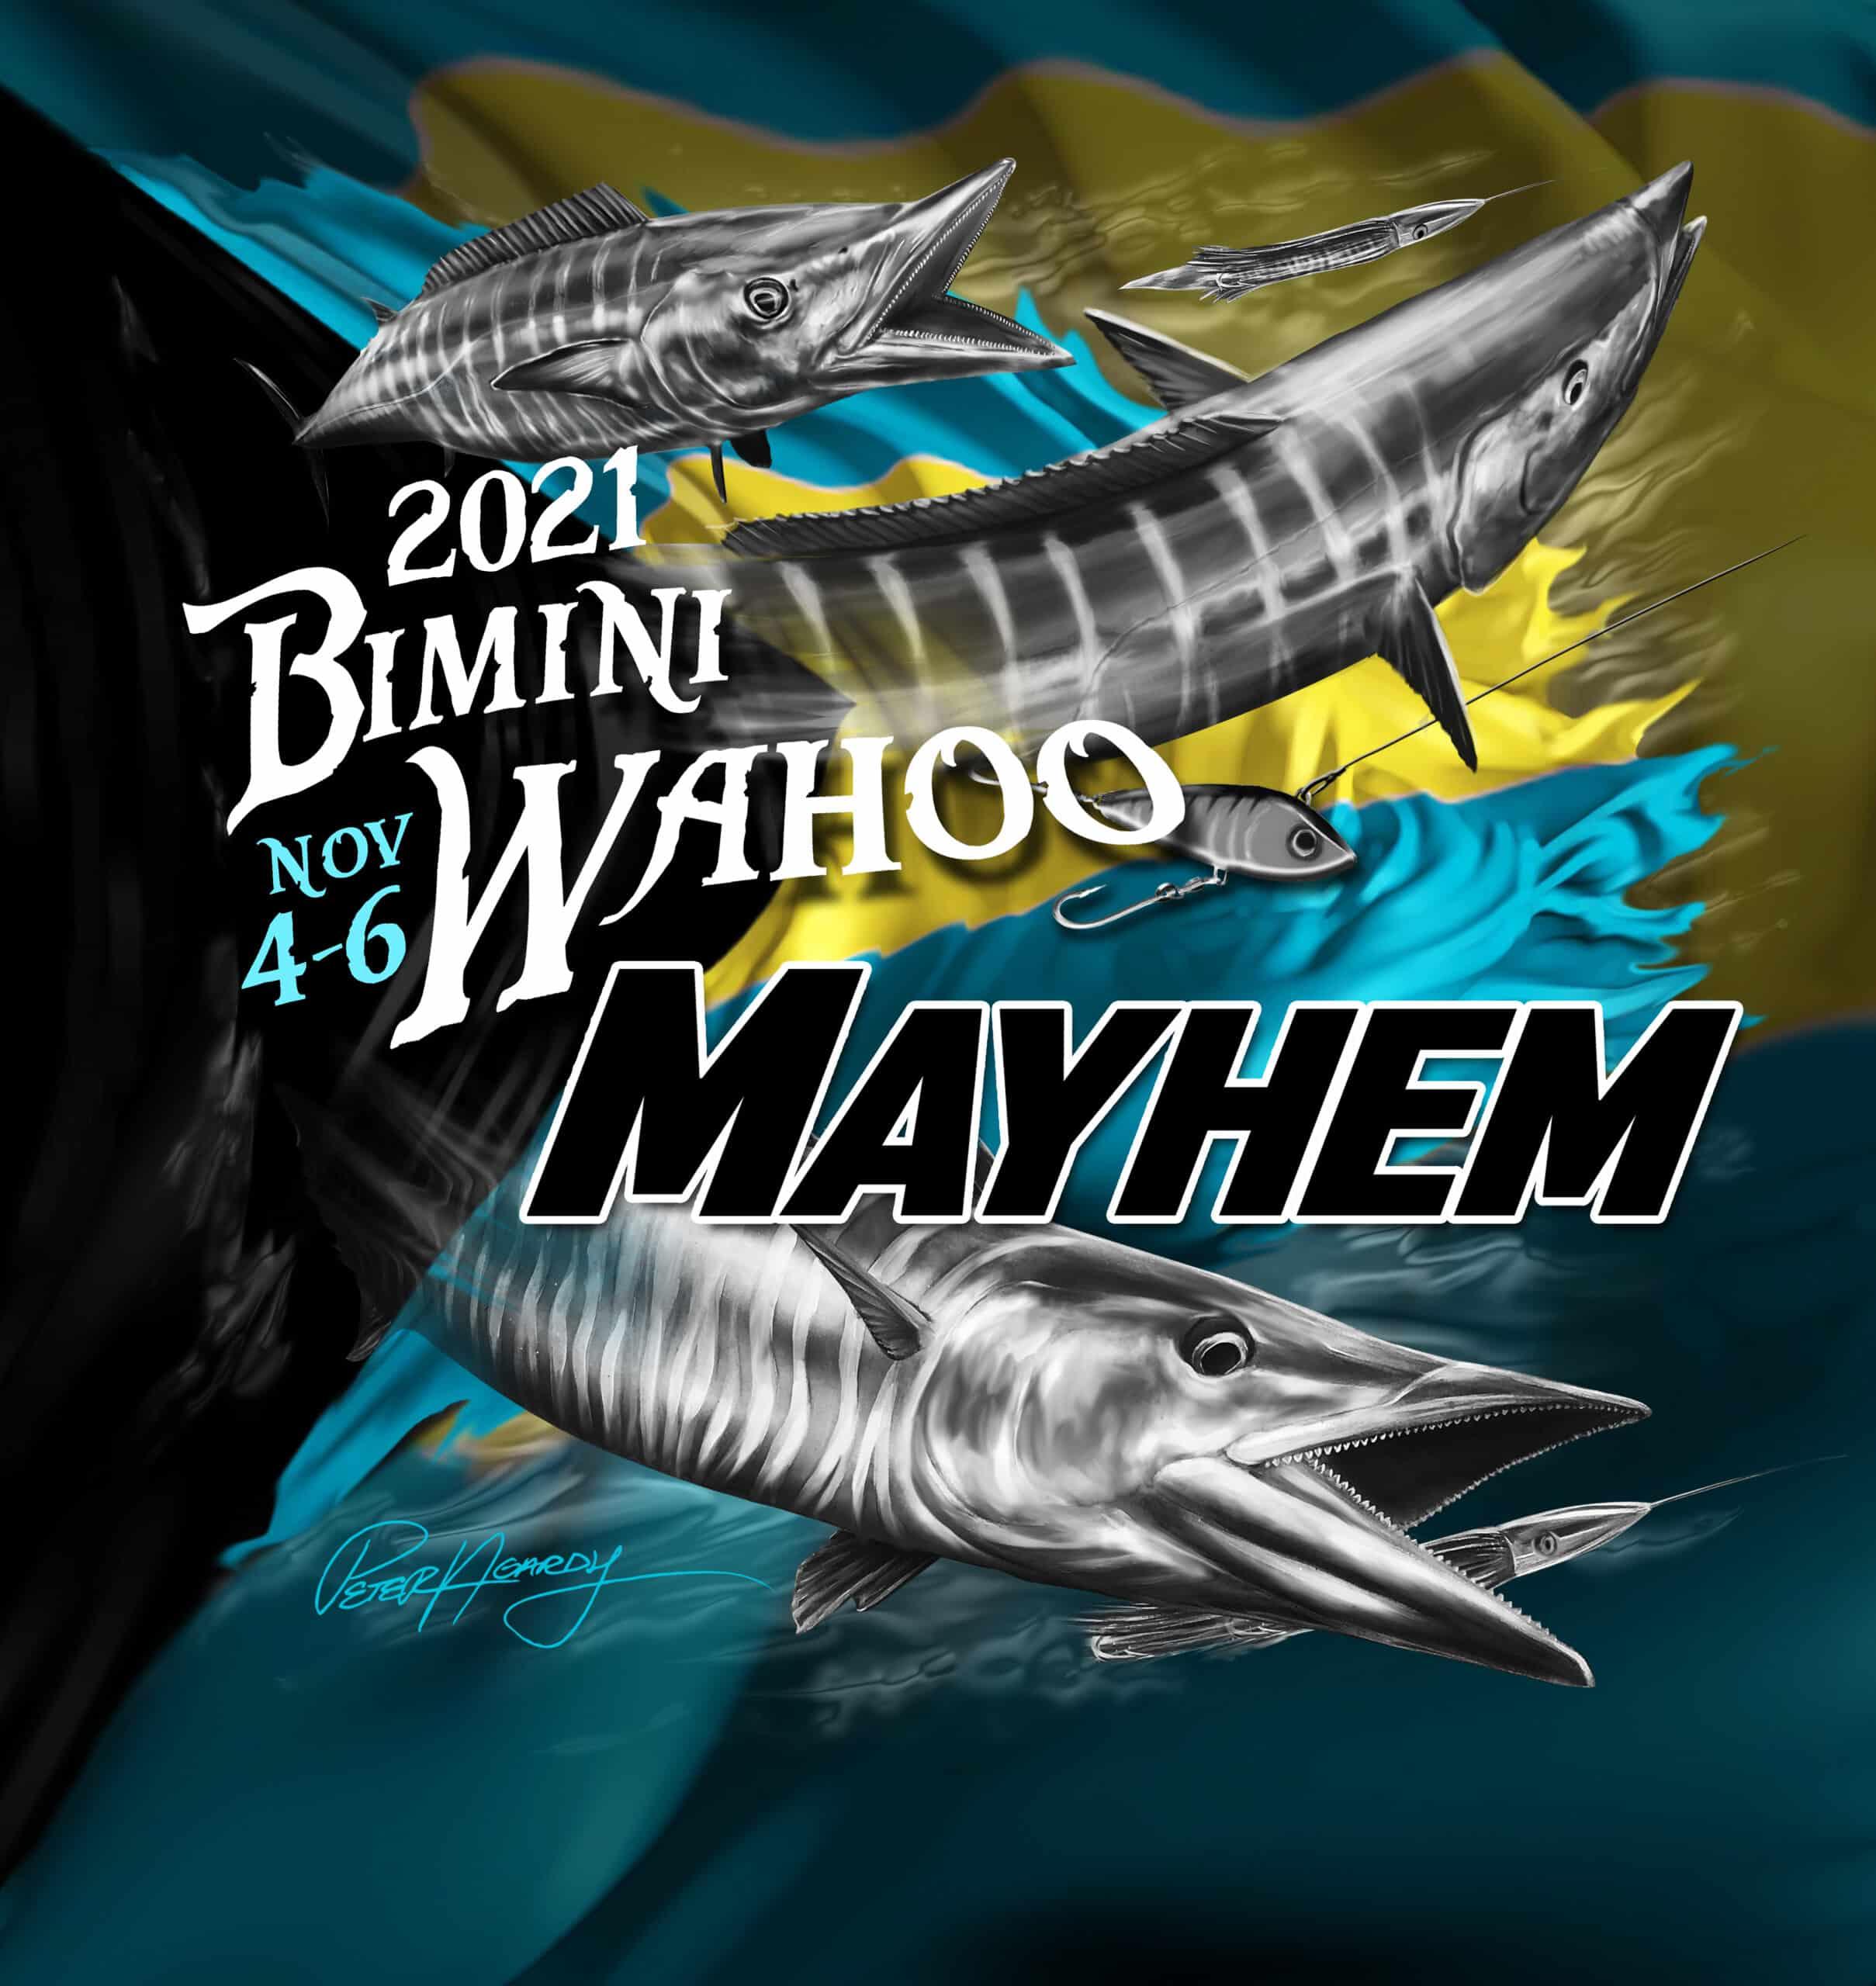 Bimini Wahoo Mayhem | Bimini Wahoo Mayhem | Meat Mayhem Tournaments